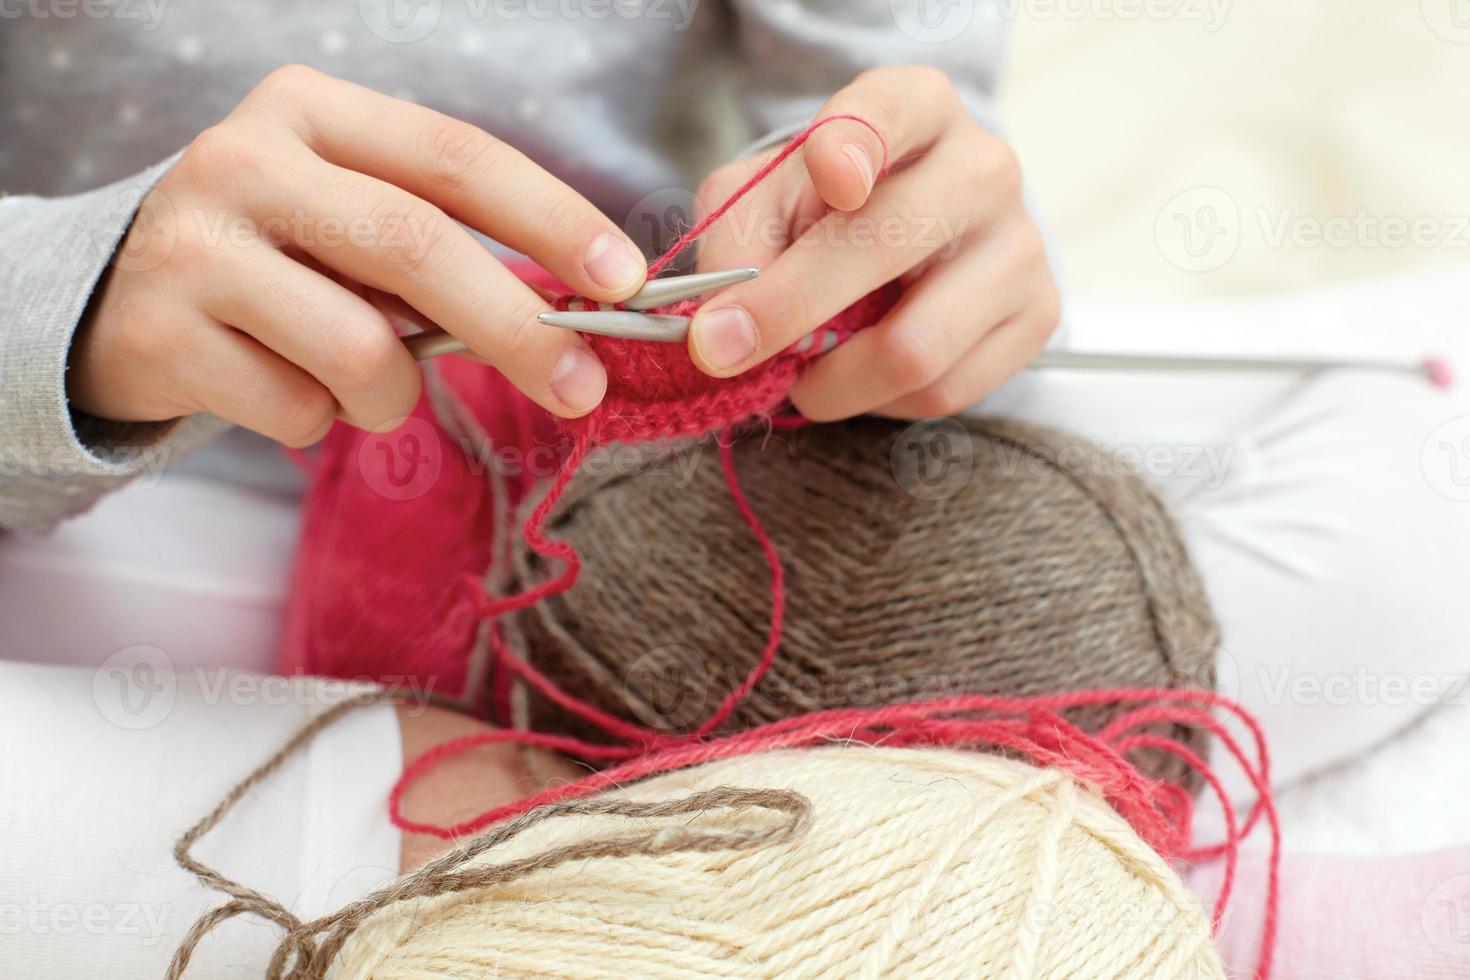 kleines Kind lernt stricken. Lebensstil - Kindheit foto